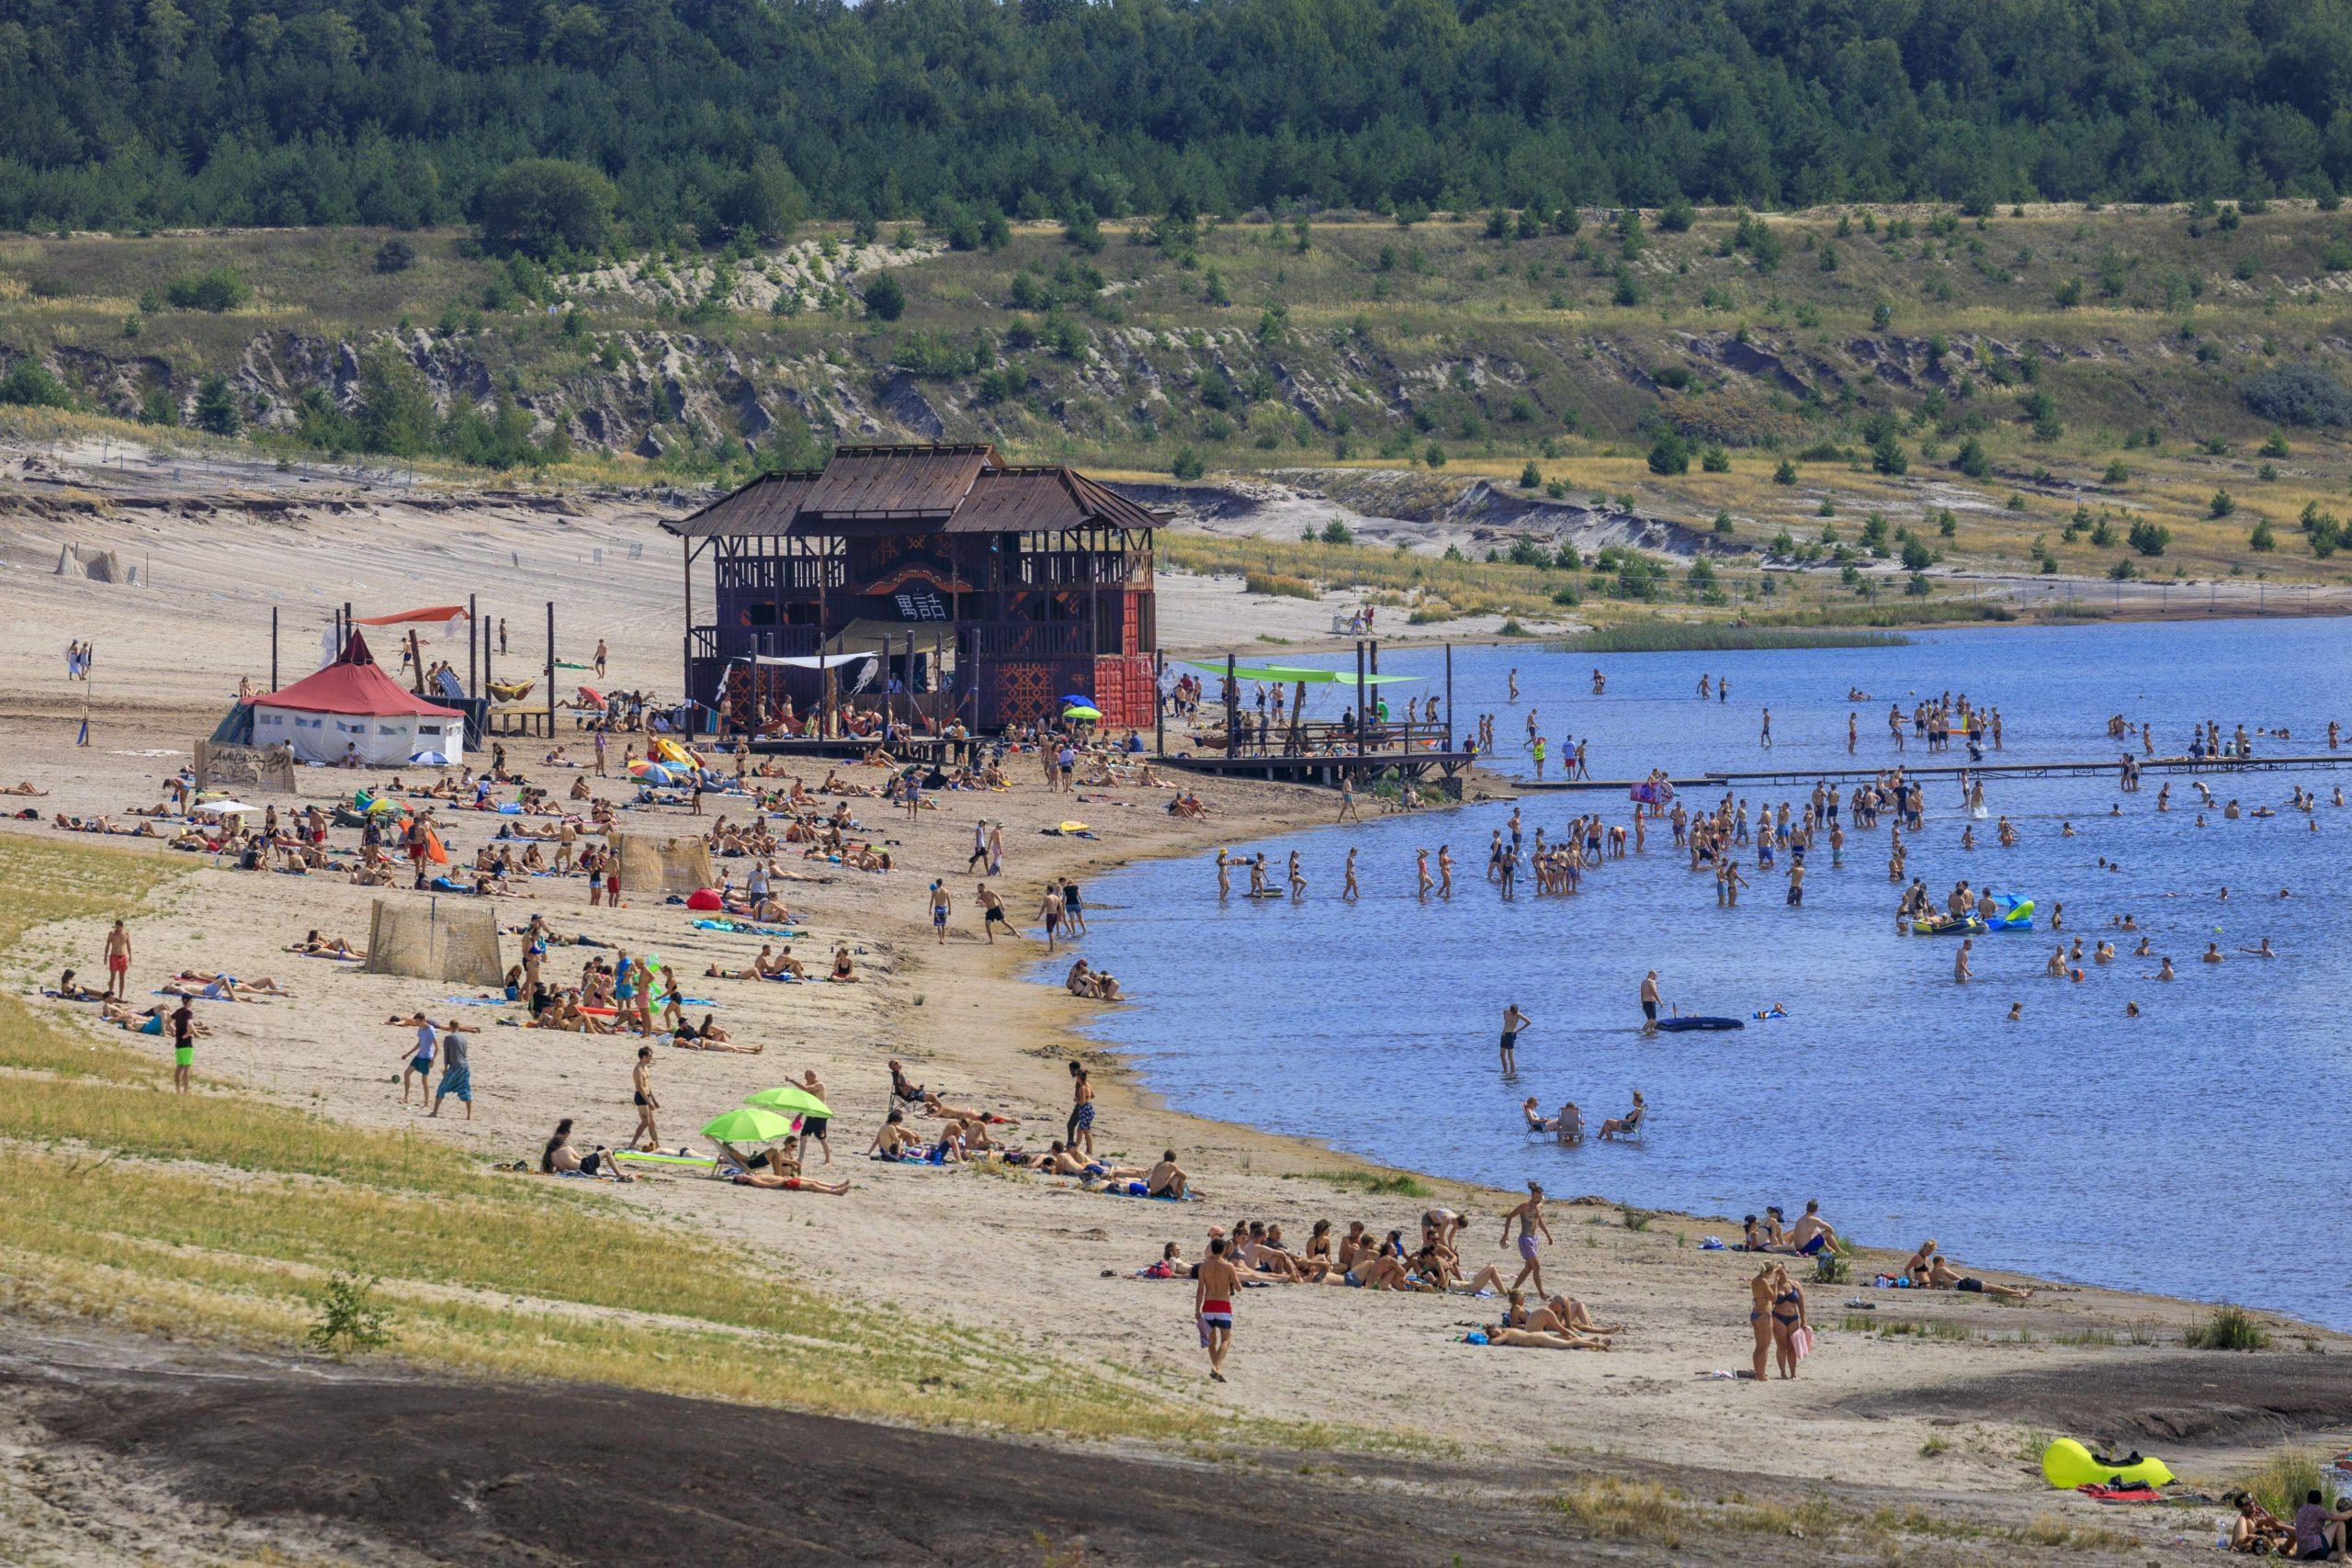 Am Bergheider See wird es dieses Jahr zwei Festivalwochenenden geben. Viele freuen sich auf das altbekannte Feel. Foto: Imago/Rainer Weisflog